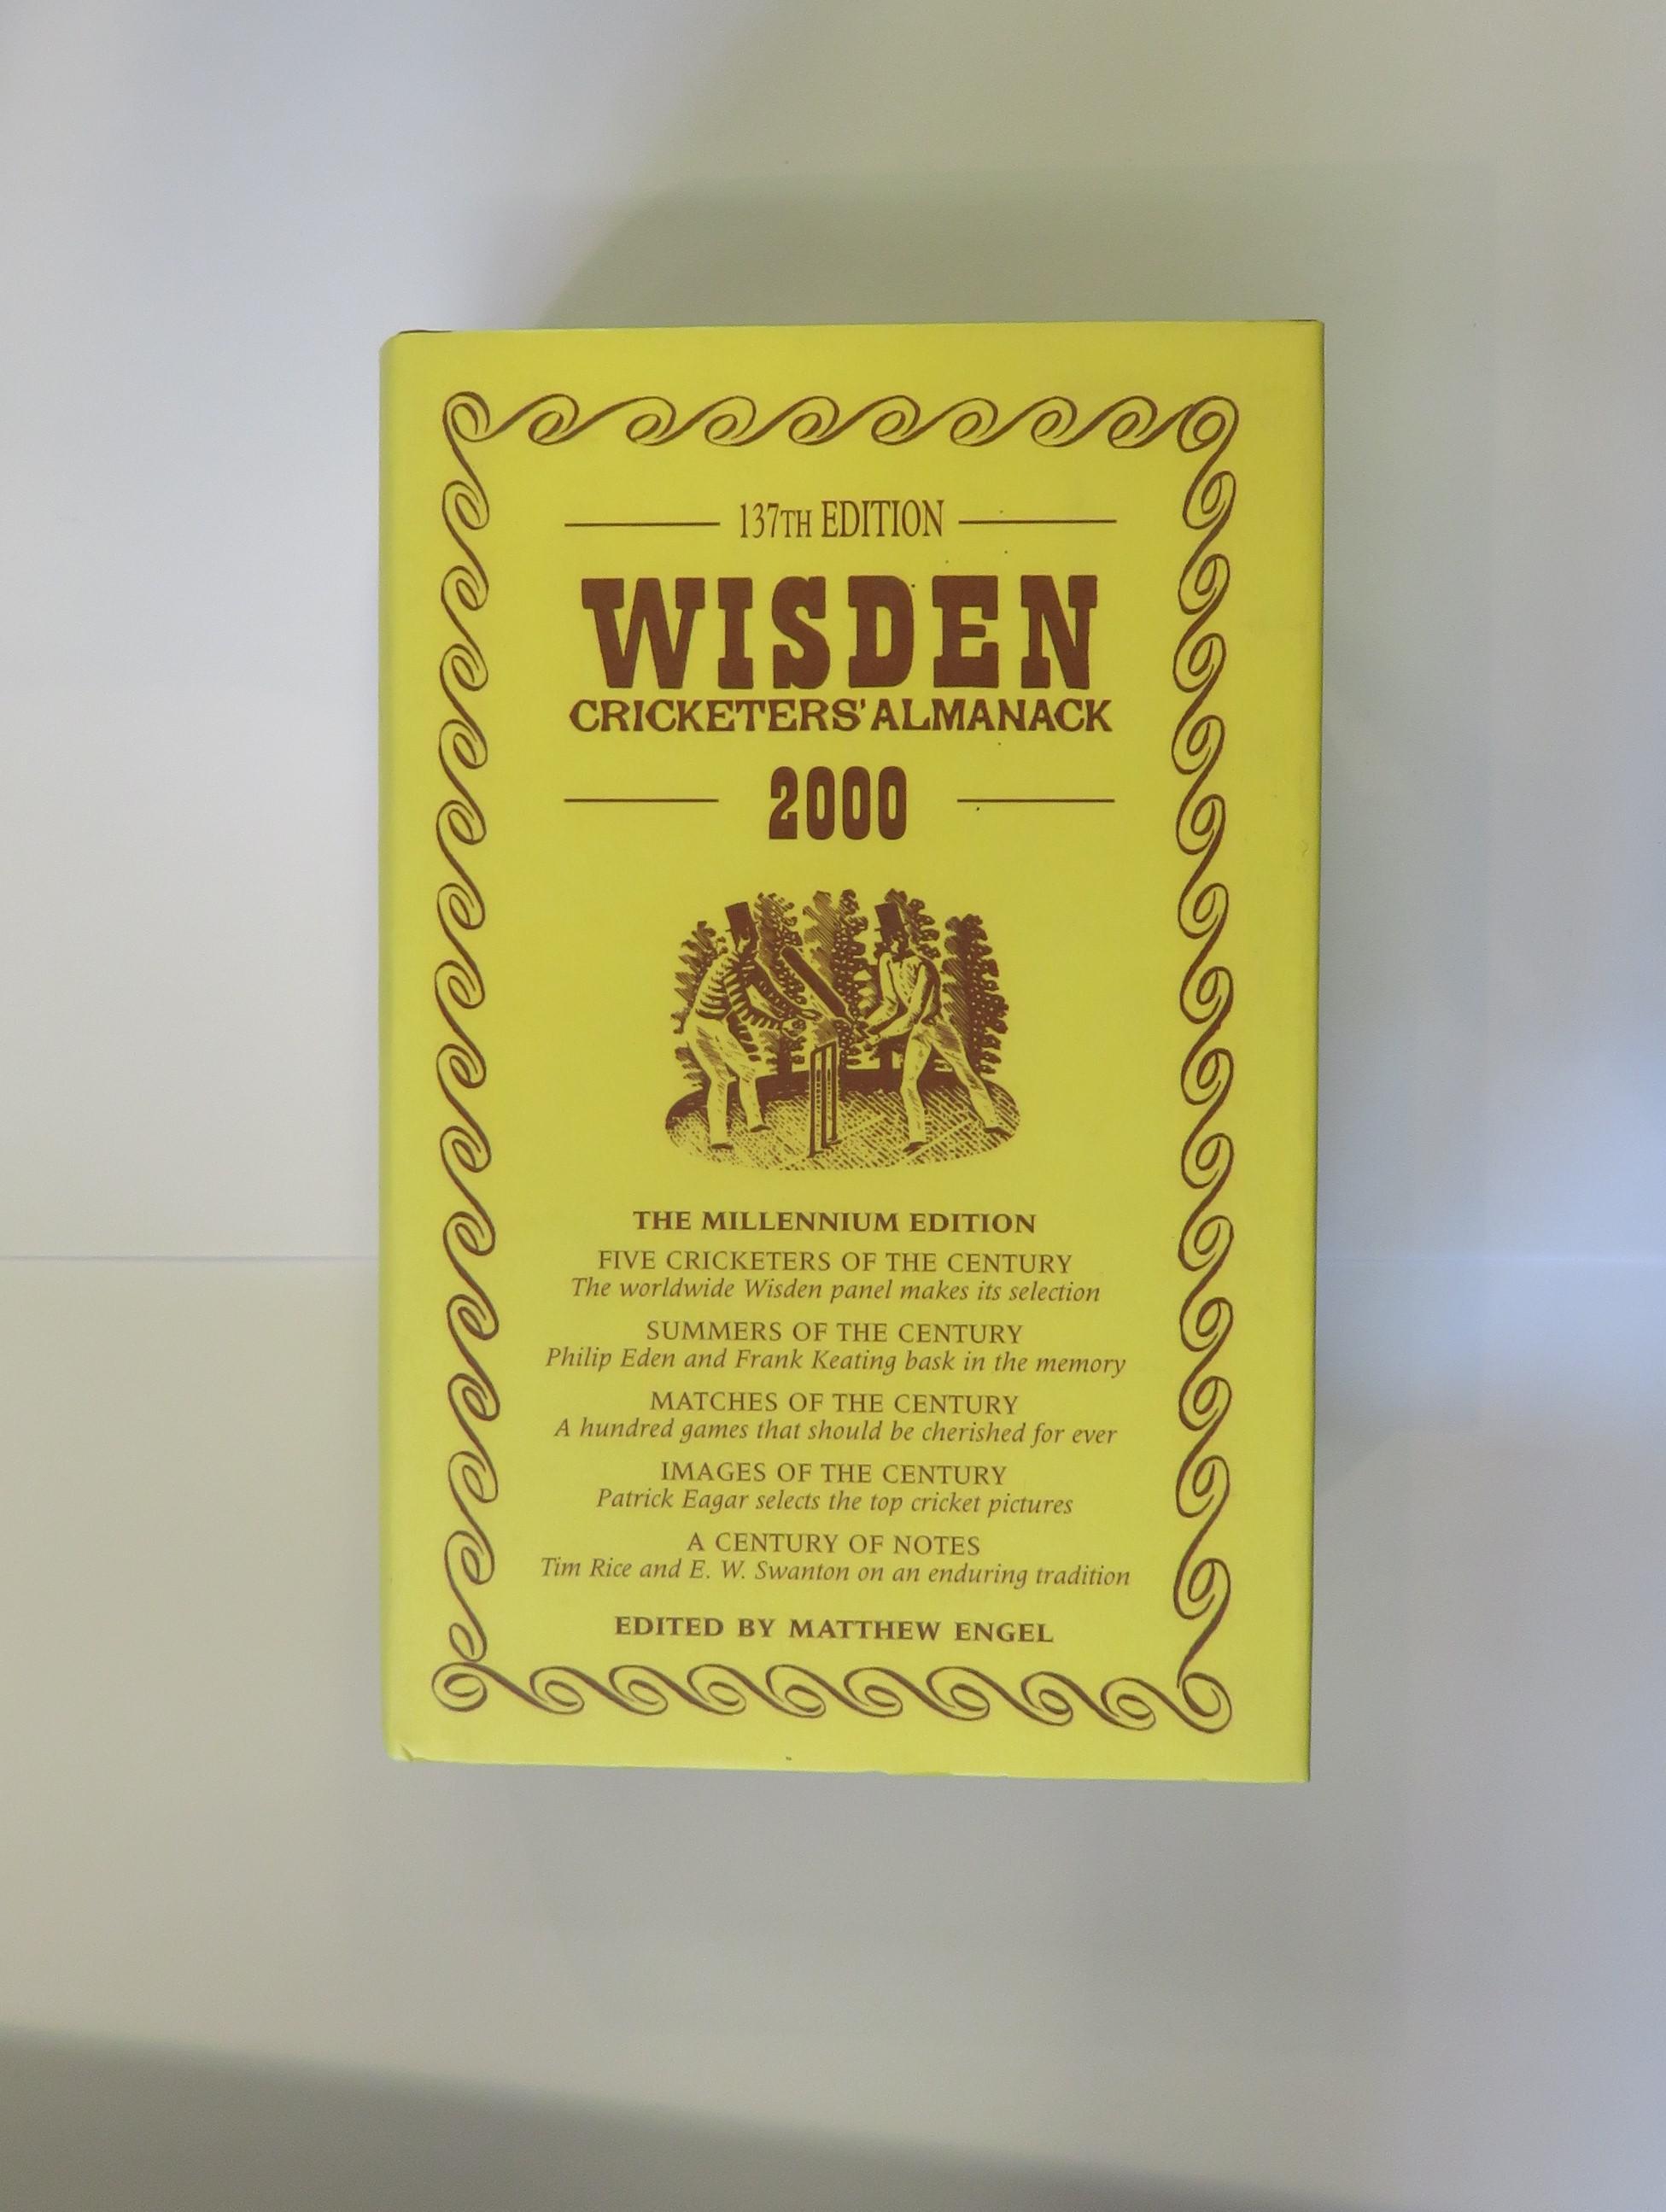 Wisden Cricketers' Almanack 2000